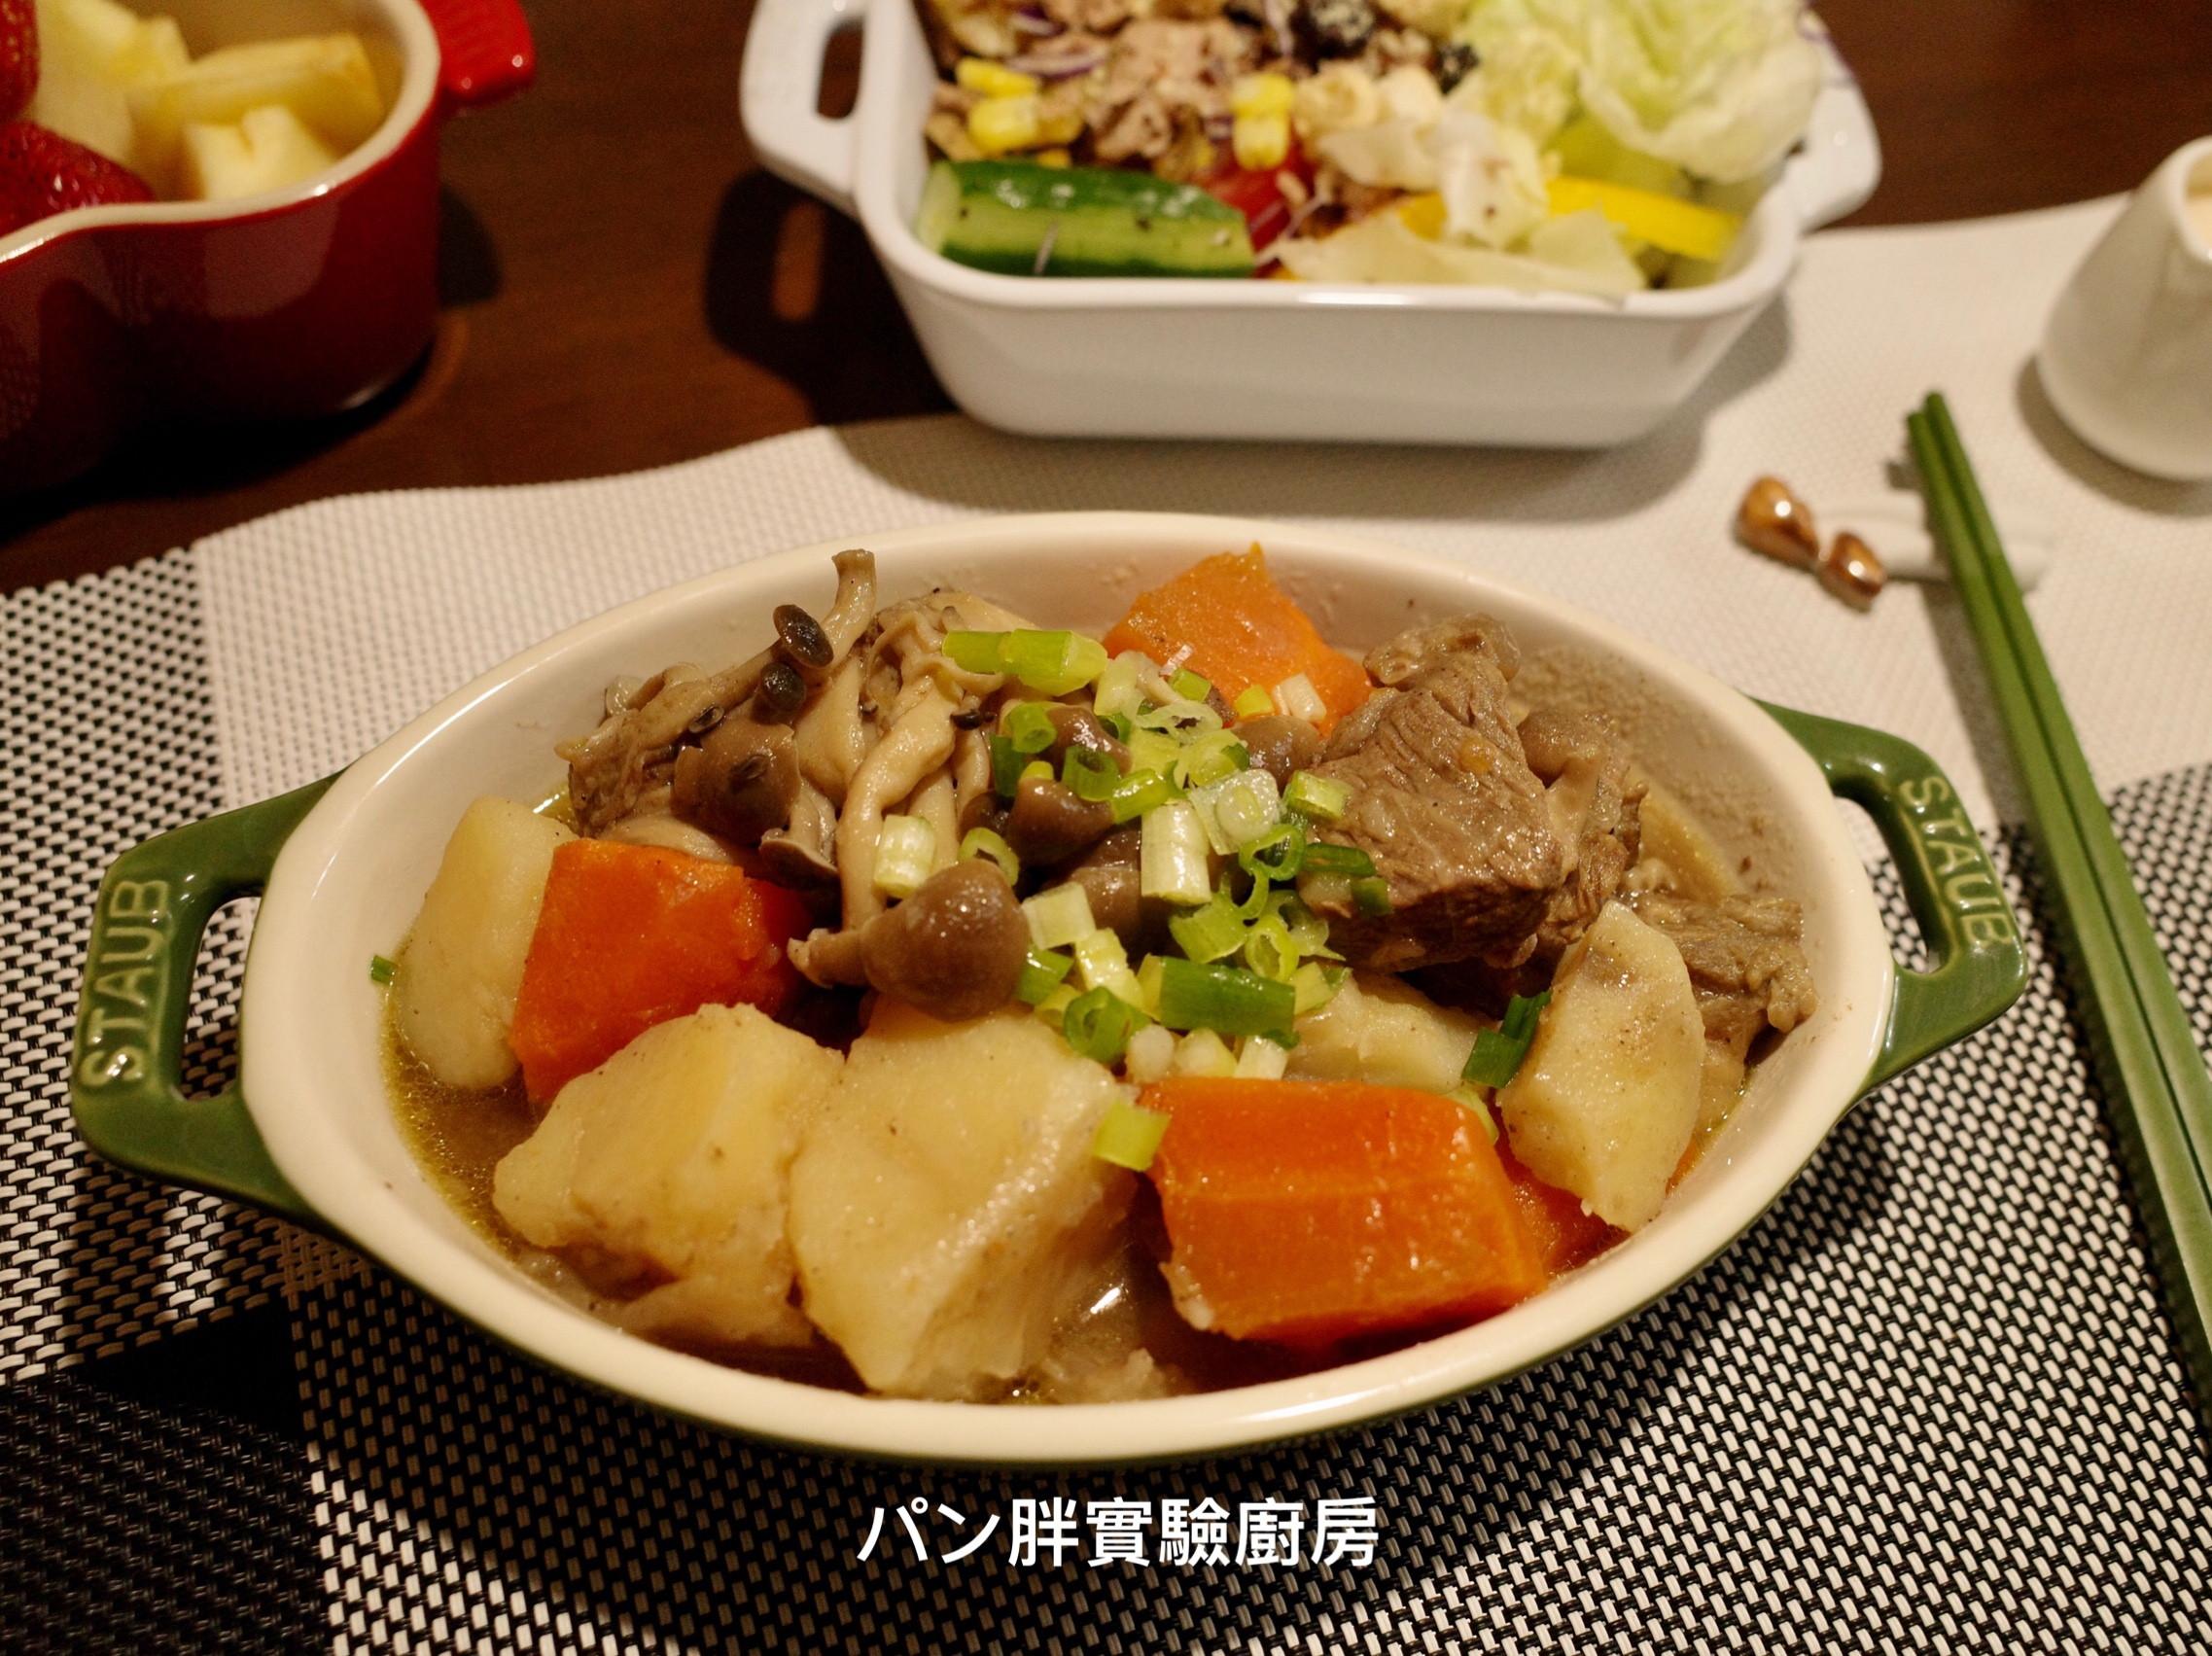 洋芋鮮菇燉牛肉